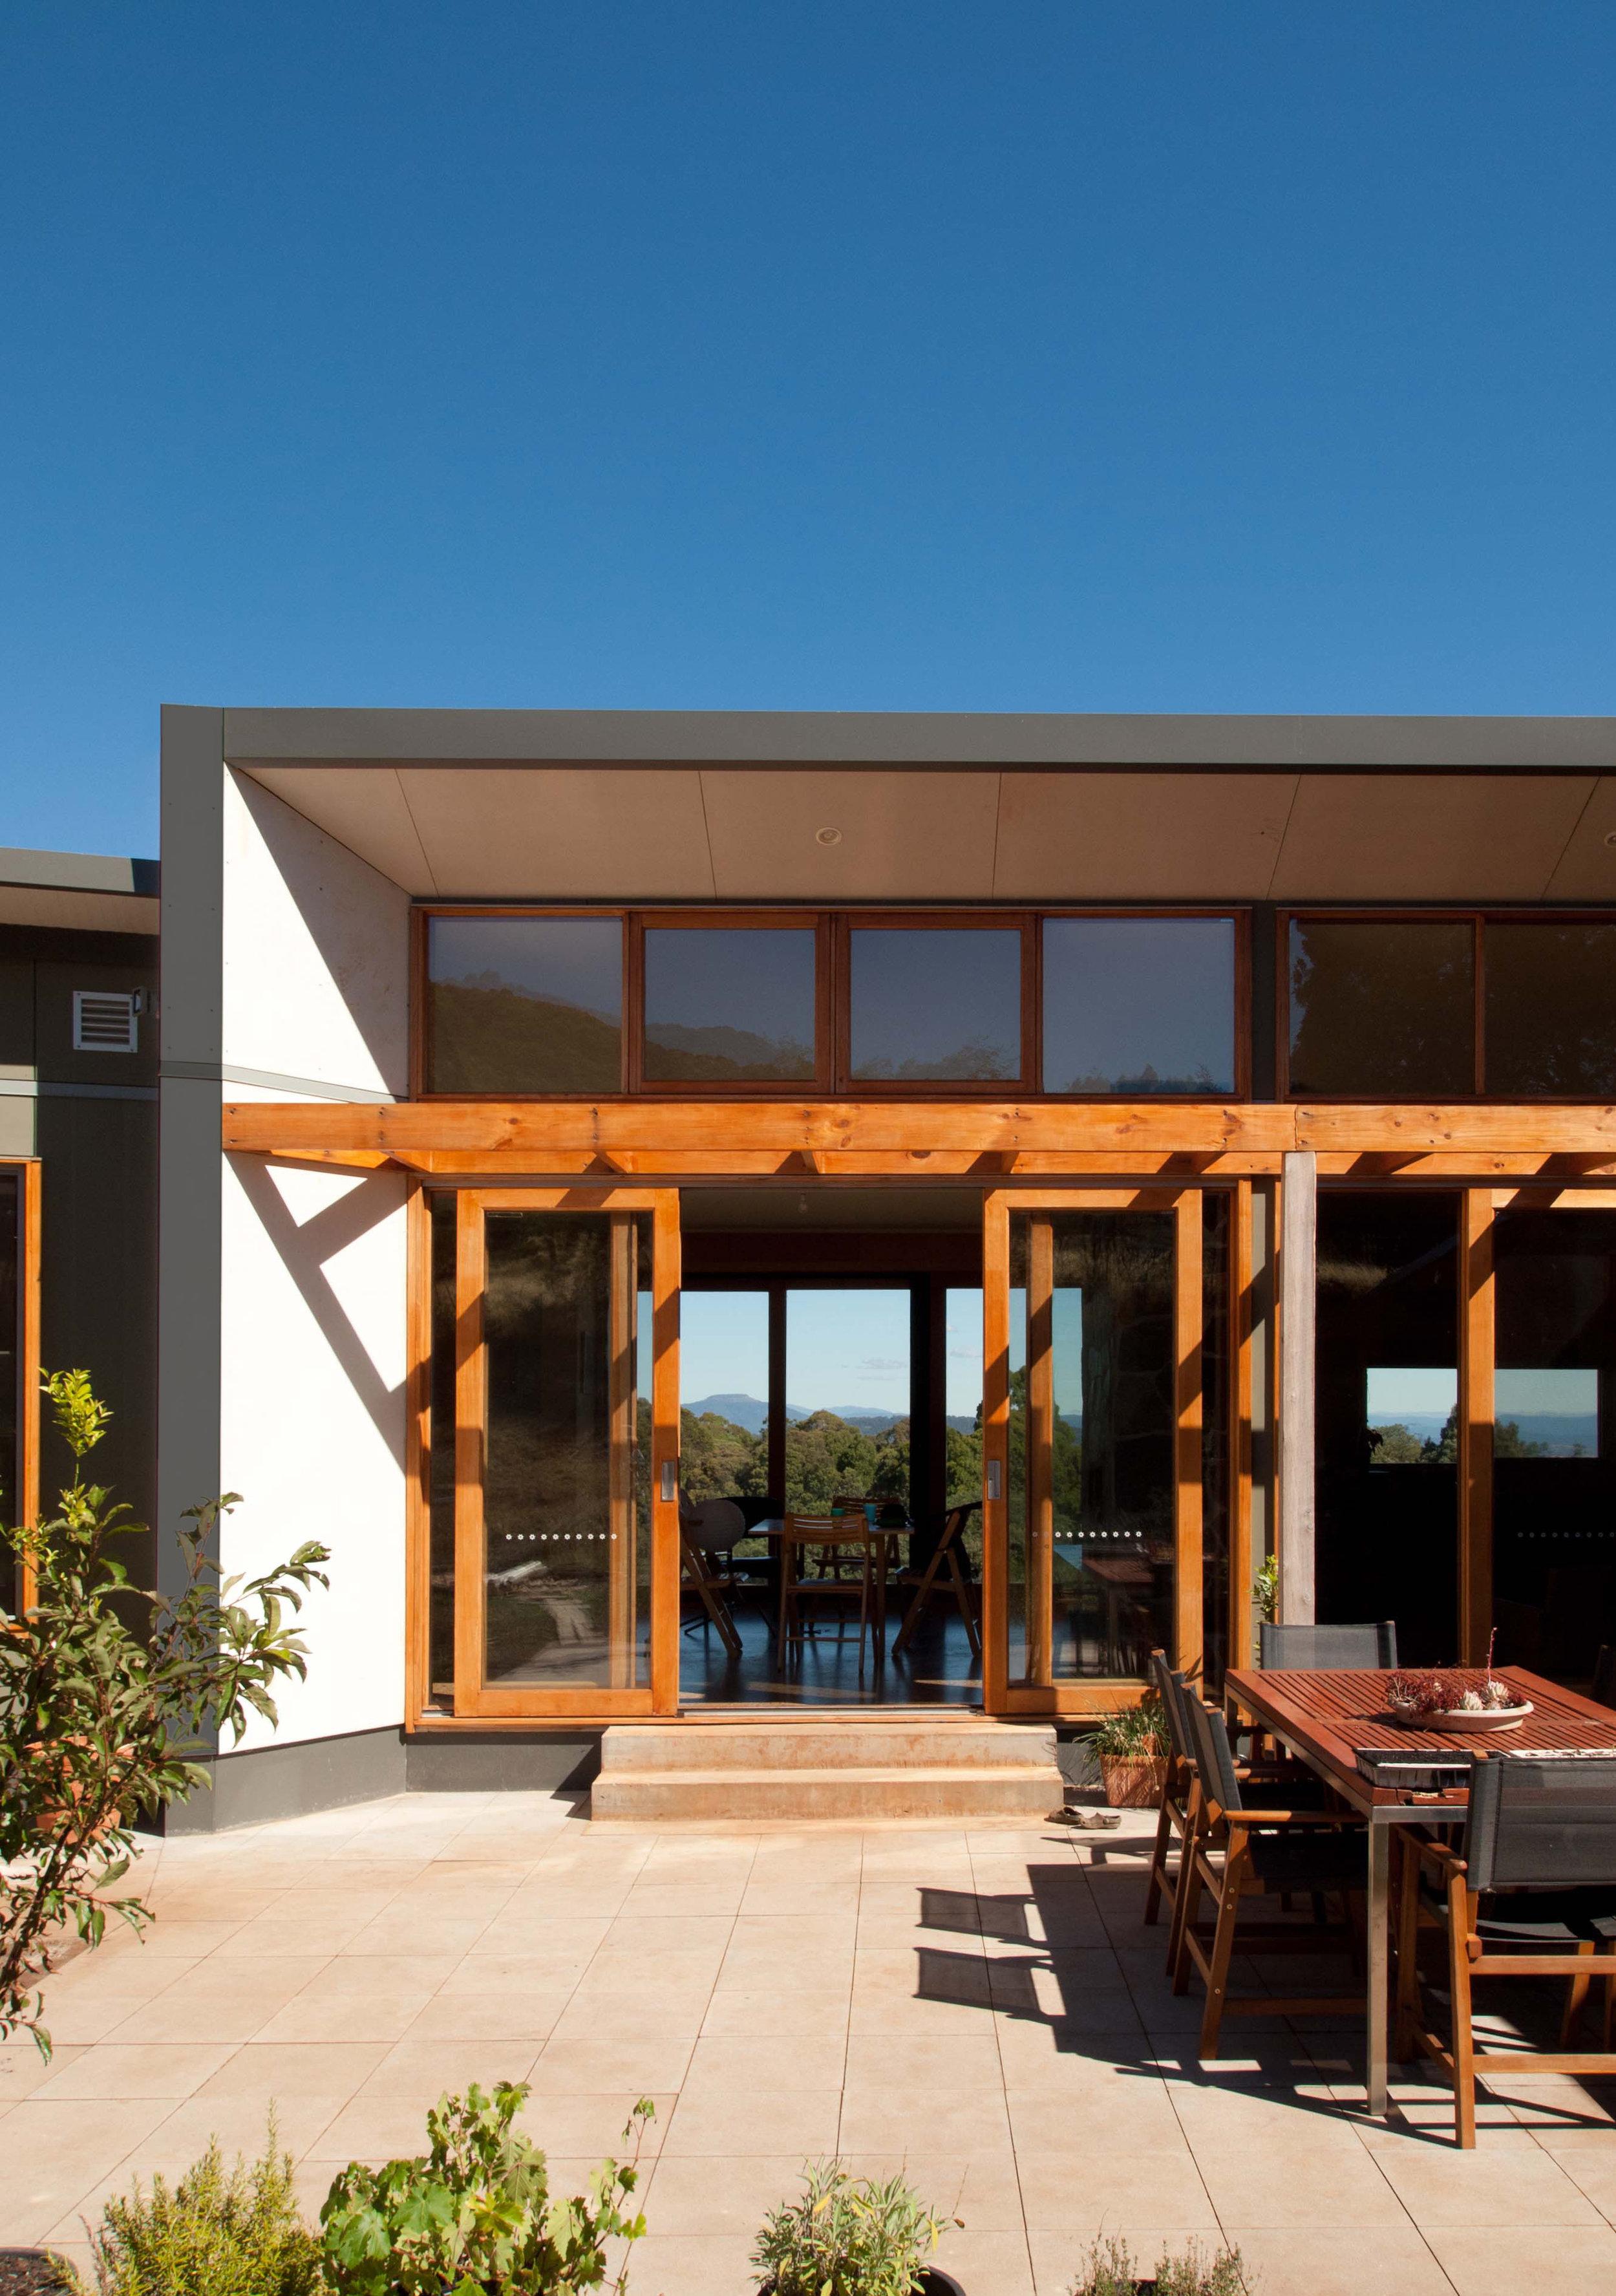 Habitech - Alpine House courtyard2.jpg